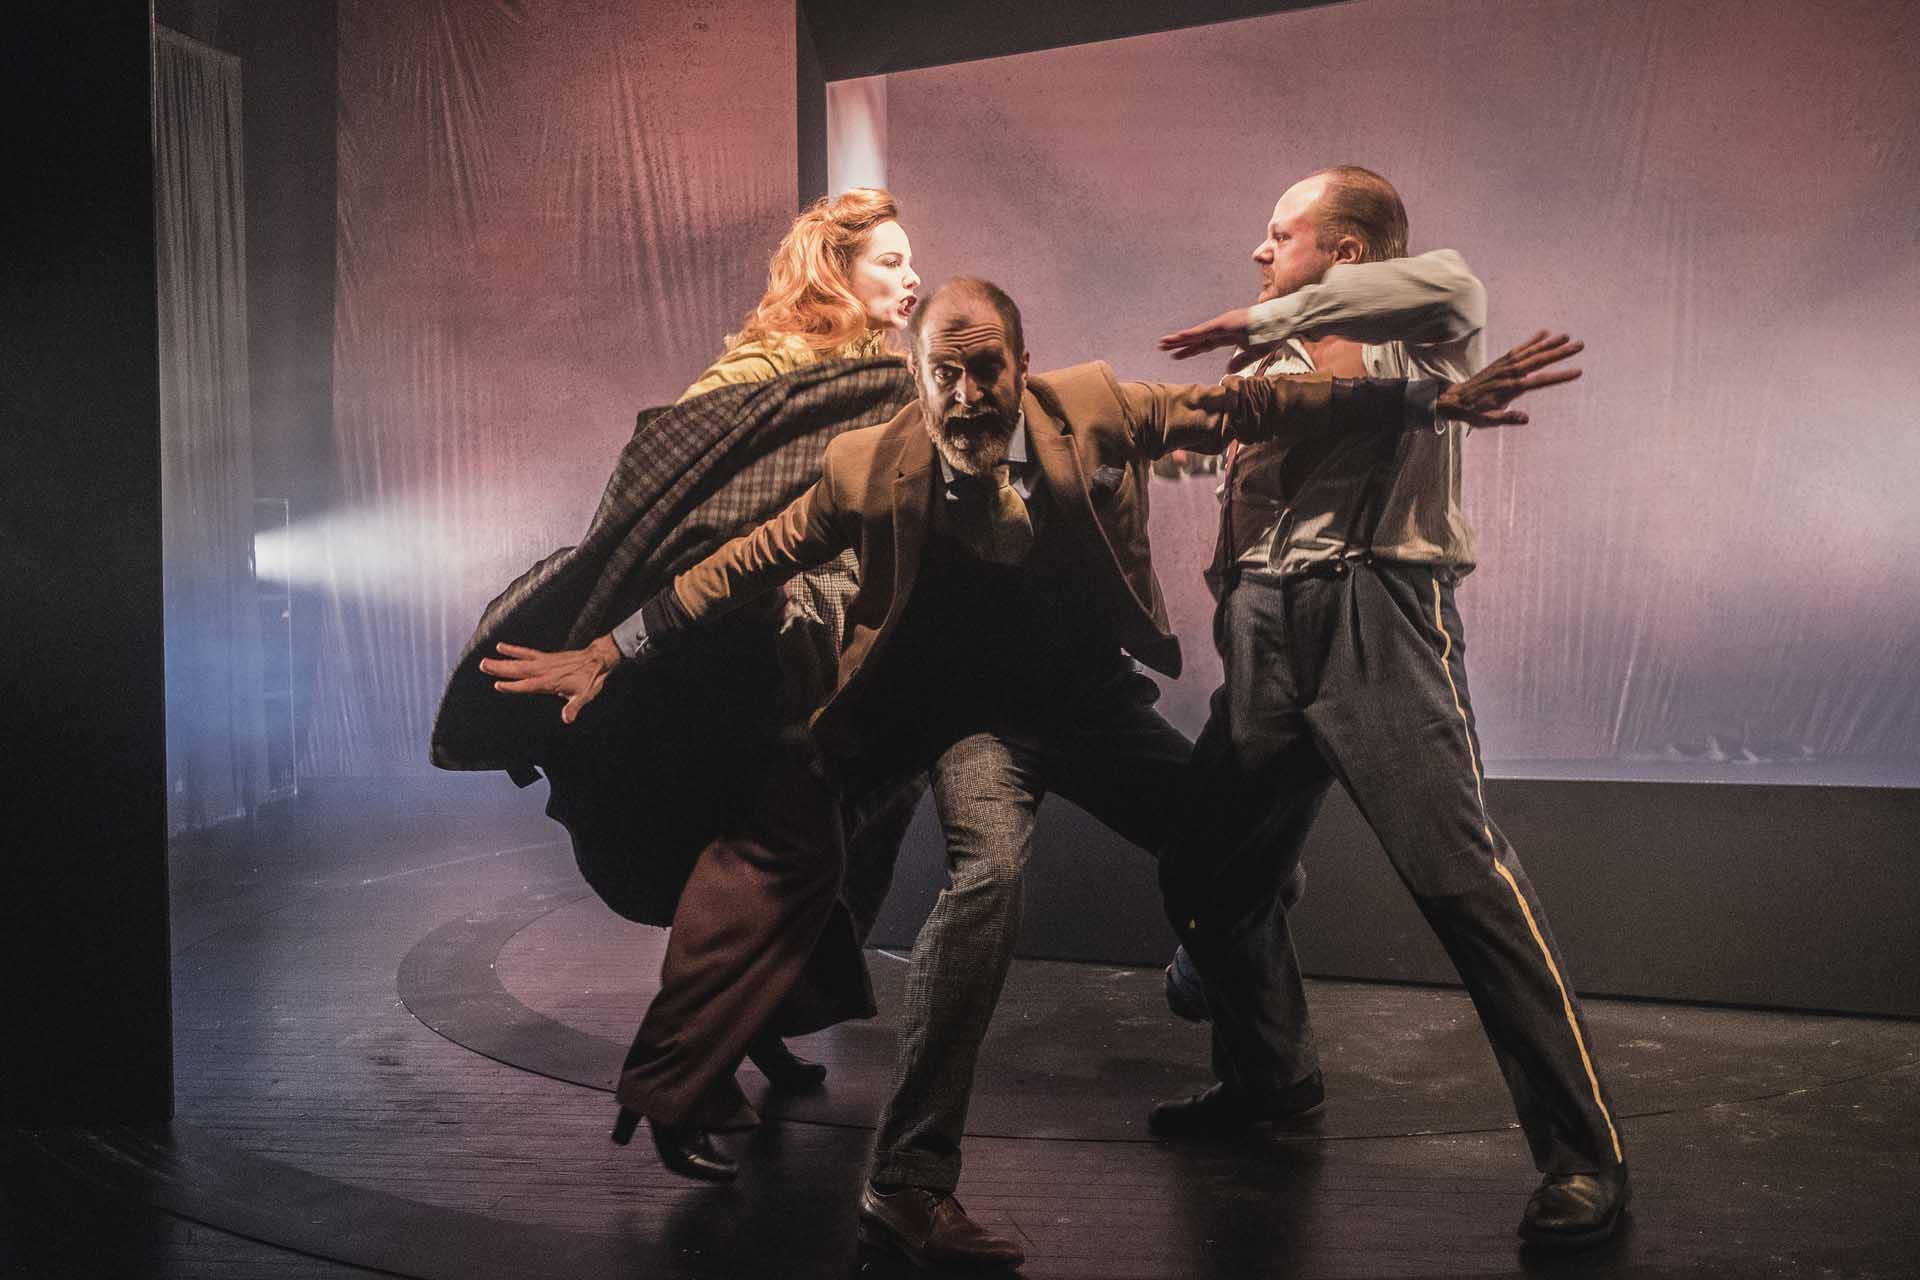 20171115-teateribsen-dodsdansen-4356.jpg